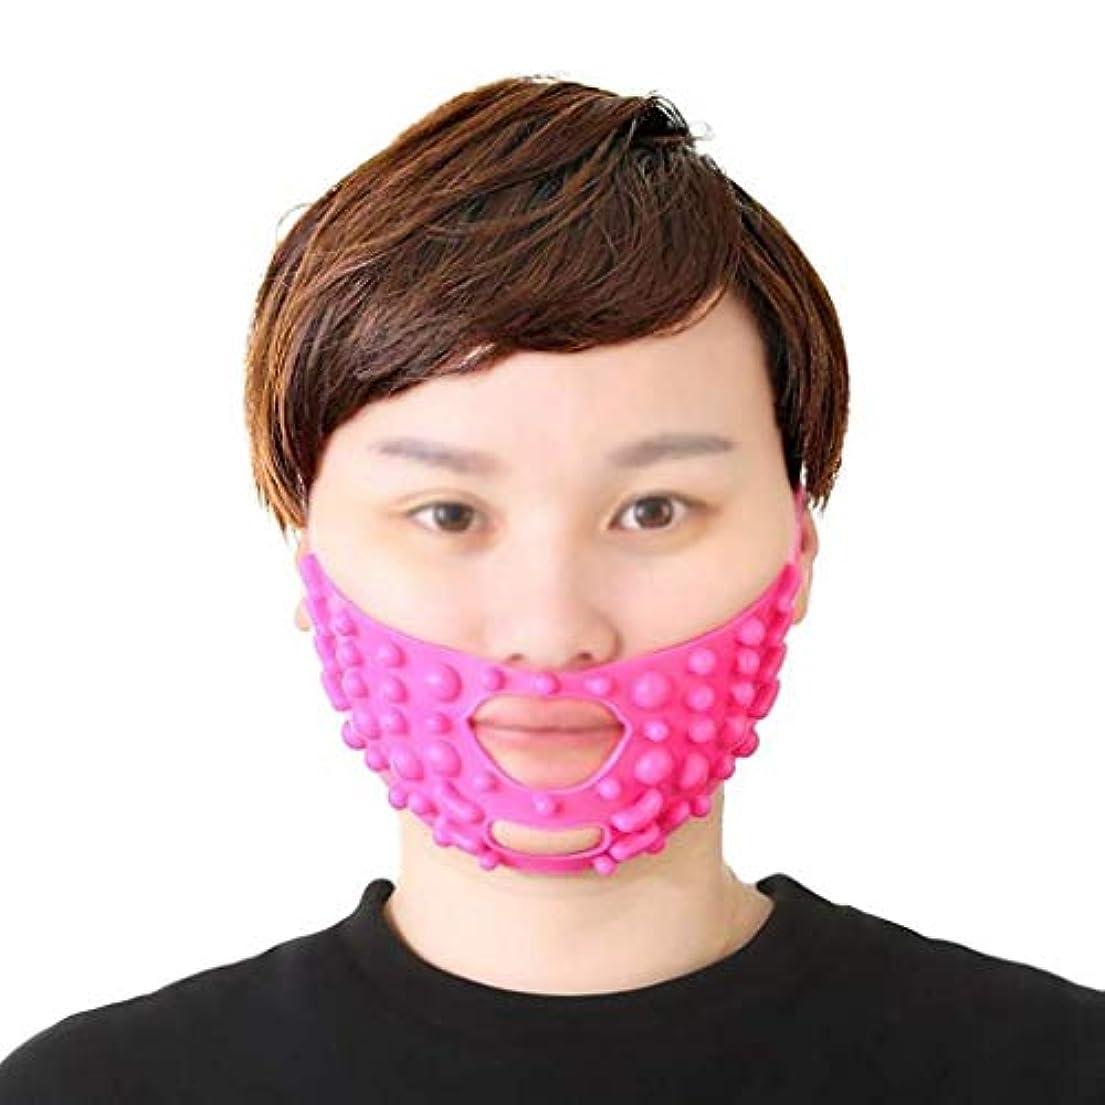 鎮静剤委任推進力フェイスリフトマスク、チンストラップシリコーンVフェイスマスクフェイスマスク強力な包帯V顔アーティファクトスモールV顔包帯顔と首リフトピンクシリコーン包帯